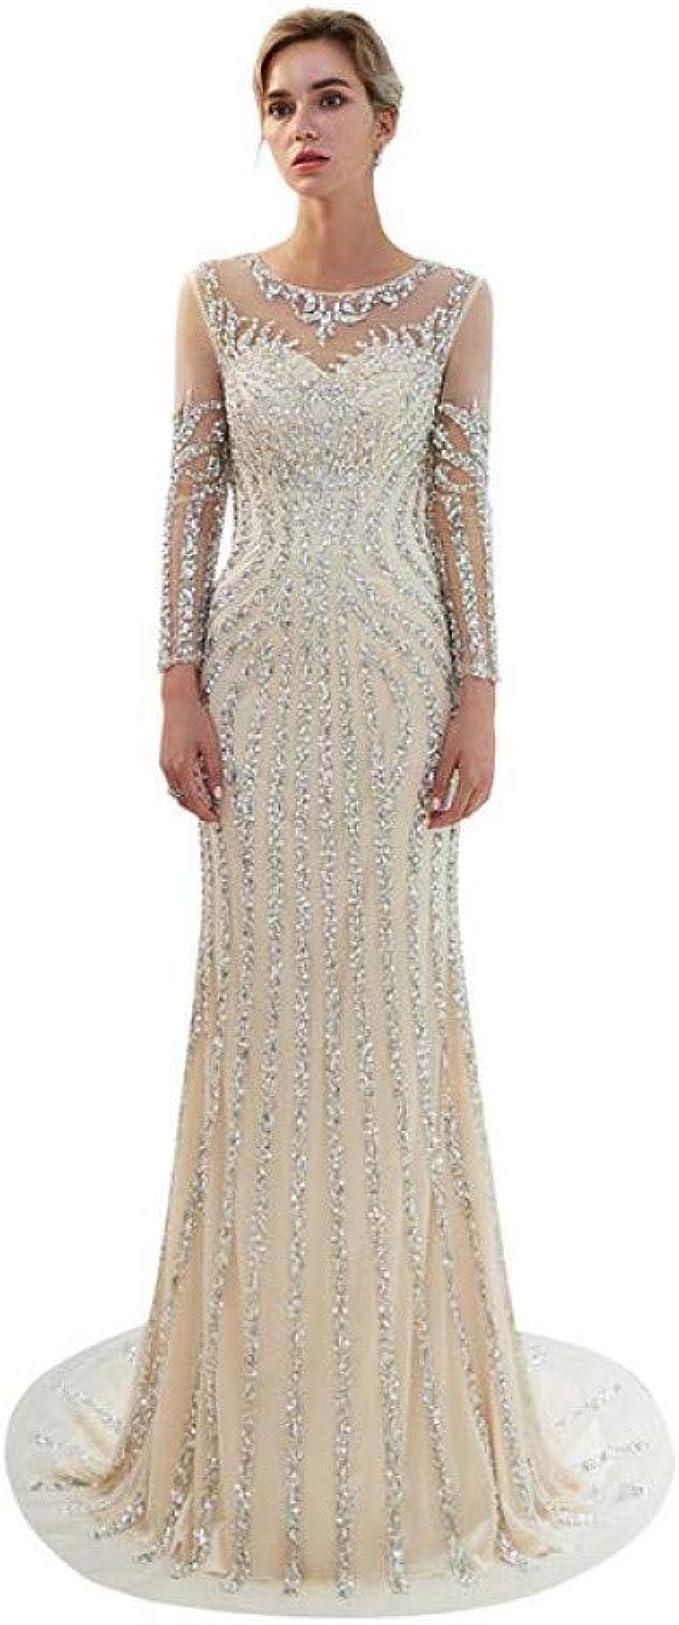 BINGQZ Damen/Elegant Kleid/Cocktailkleider Perlen Abendkleider